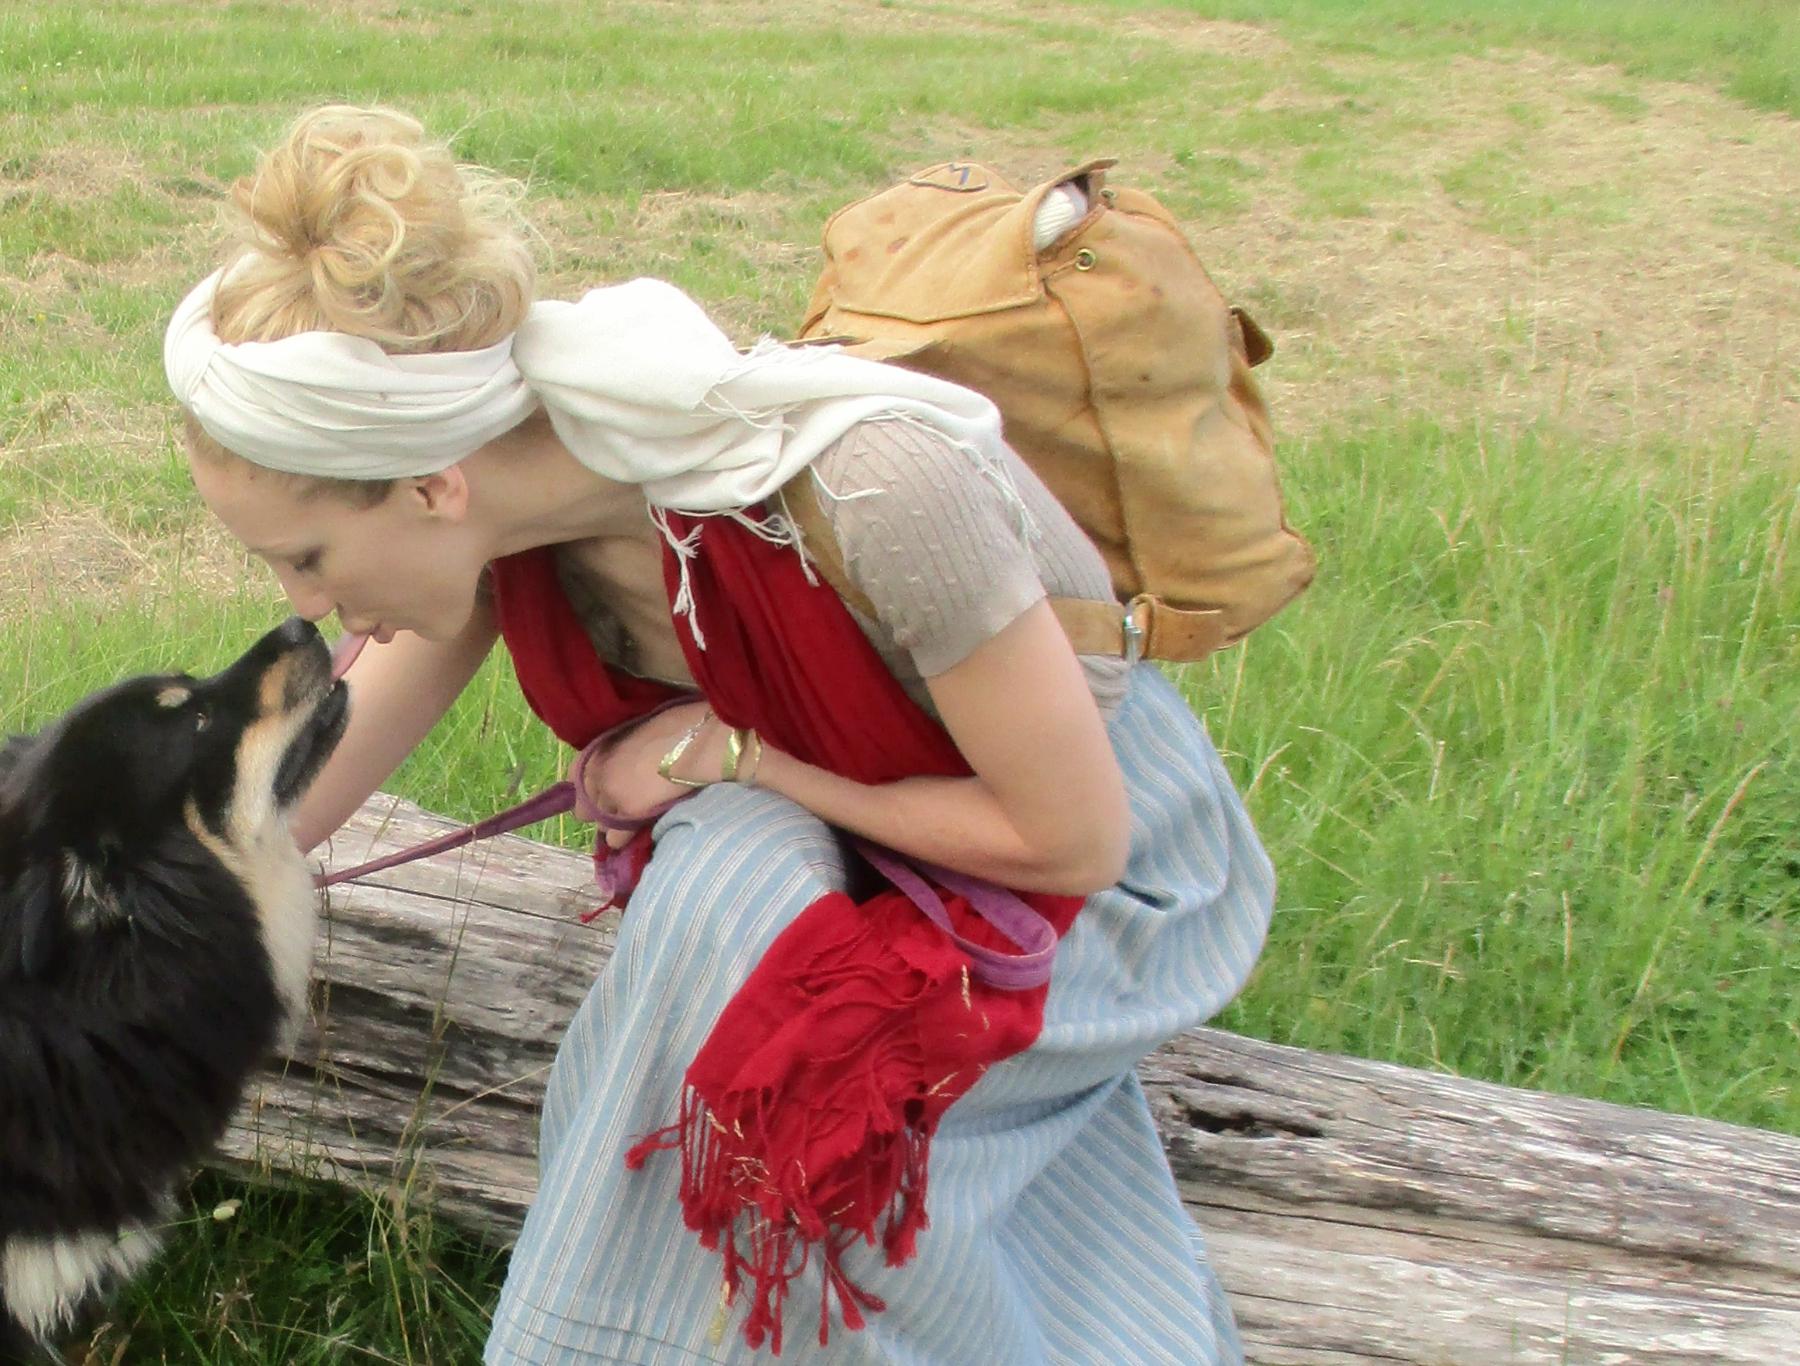 o16o7  Lapphunden Astrid pussas - Järna-nära (jag bär skinnryggsäck no1).